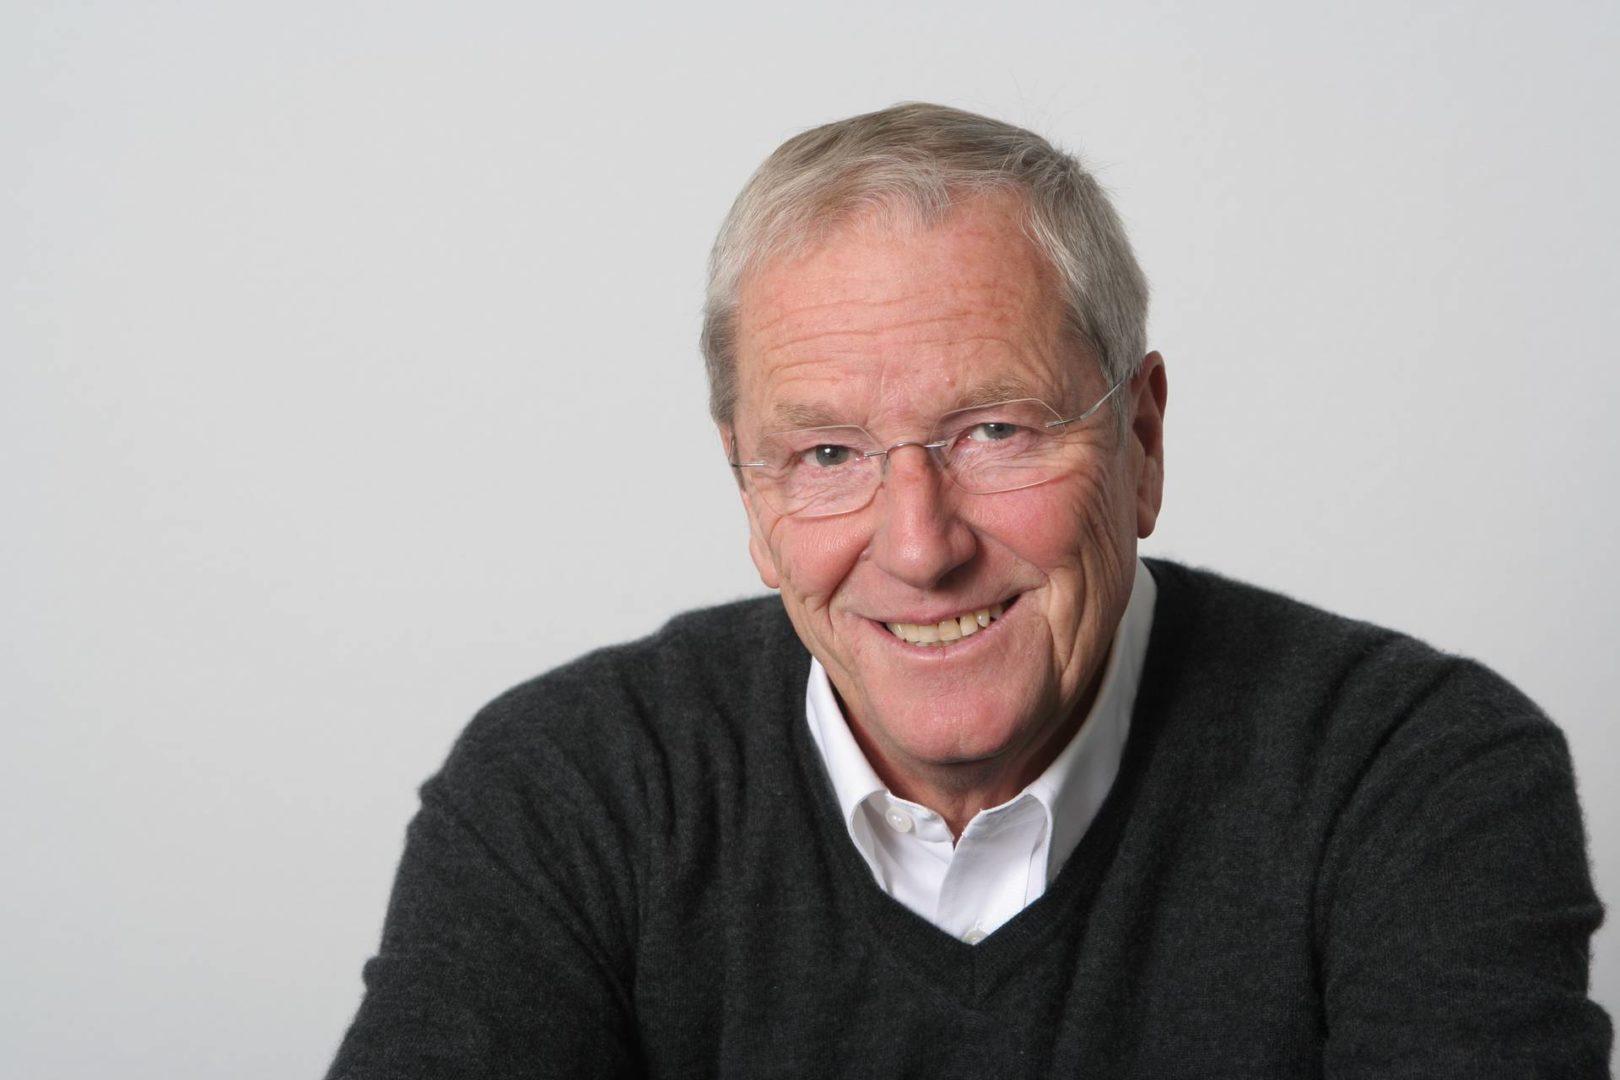 Klaus Rink tritt in die Geschäftsführung ein (3. Generation)